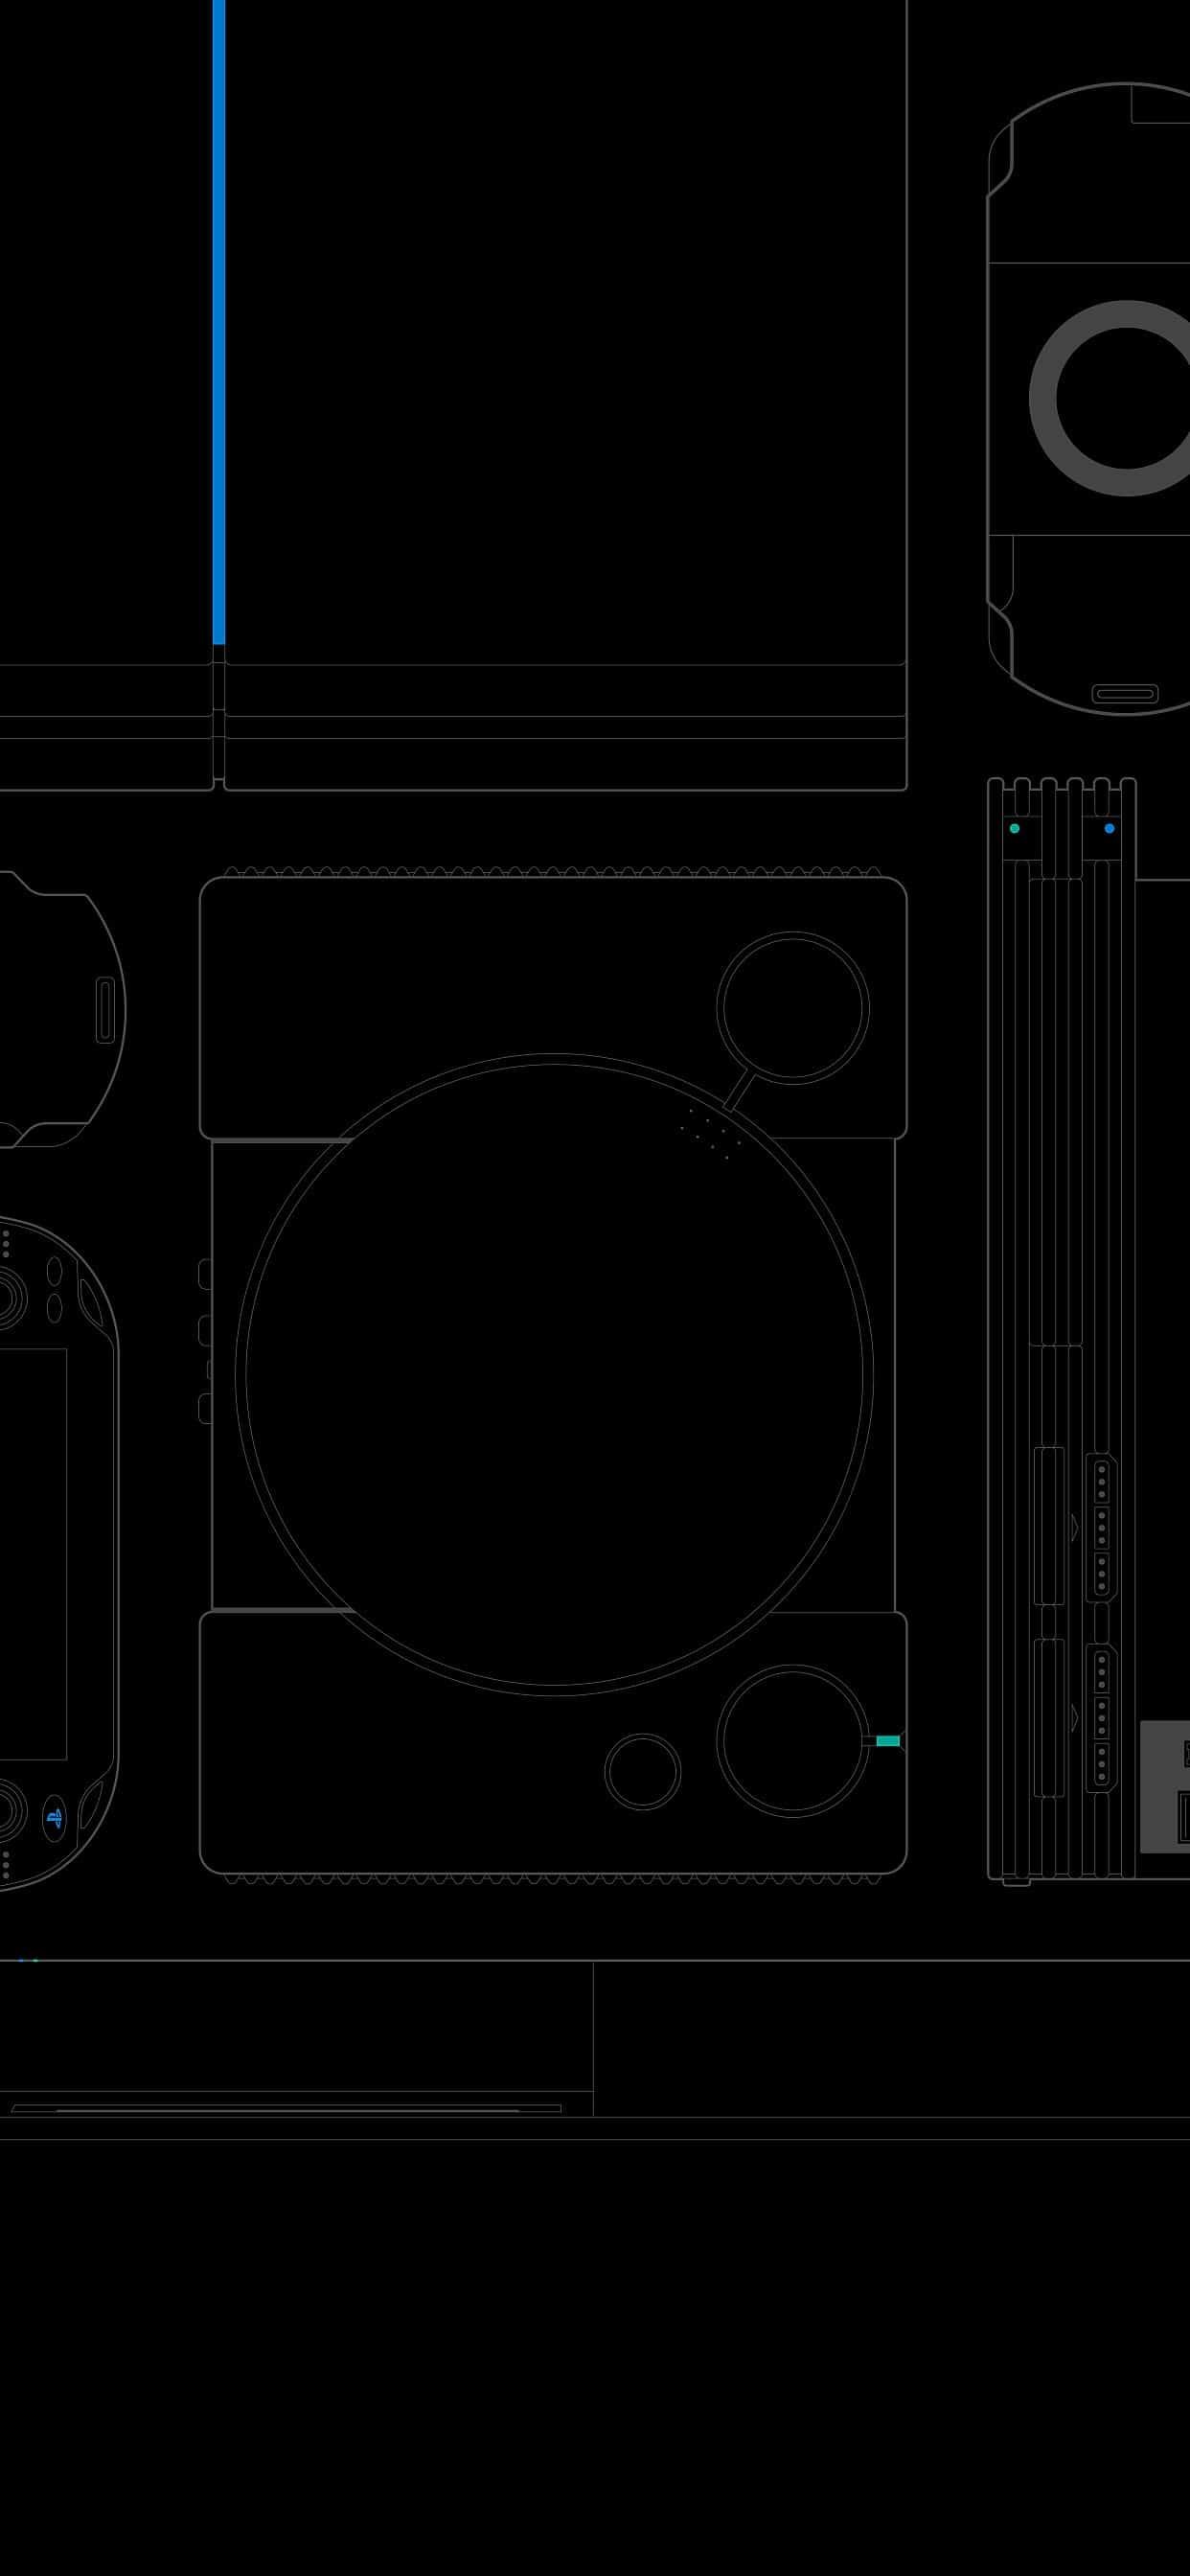 PlayStation oferece 8 papéis de parede em comemoração aos 25 anos 5